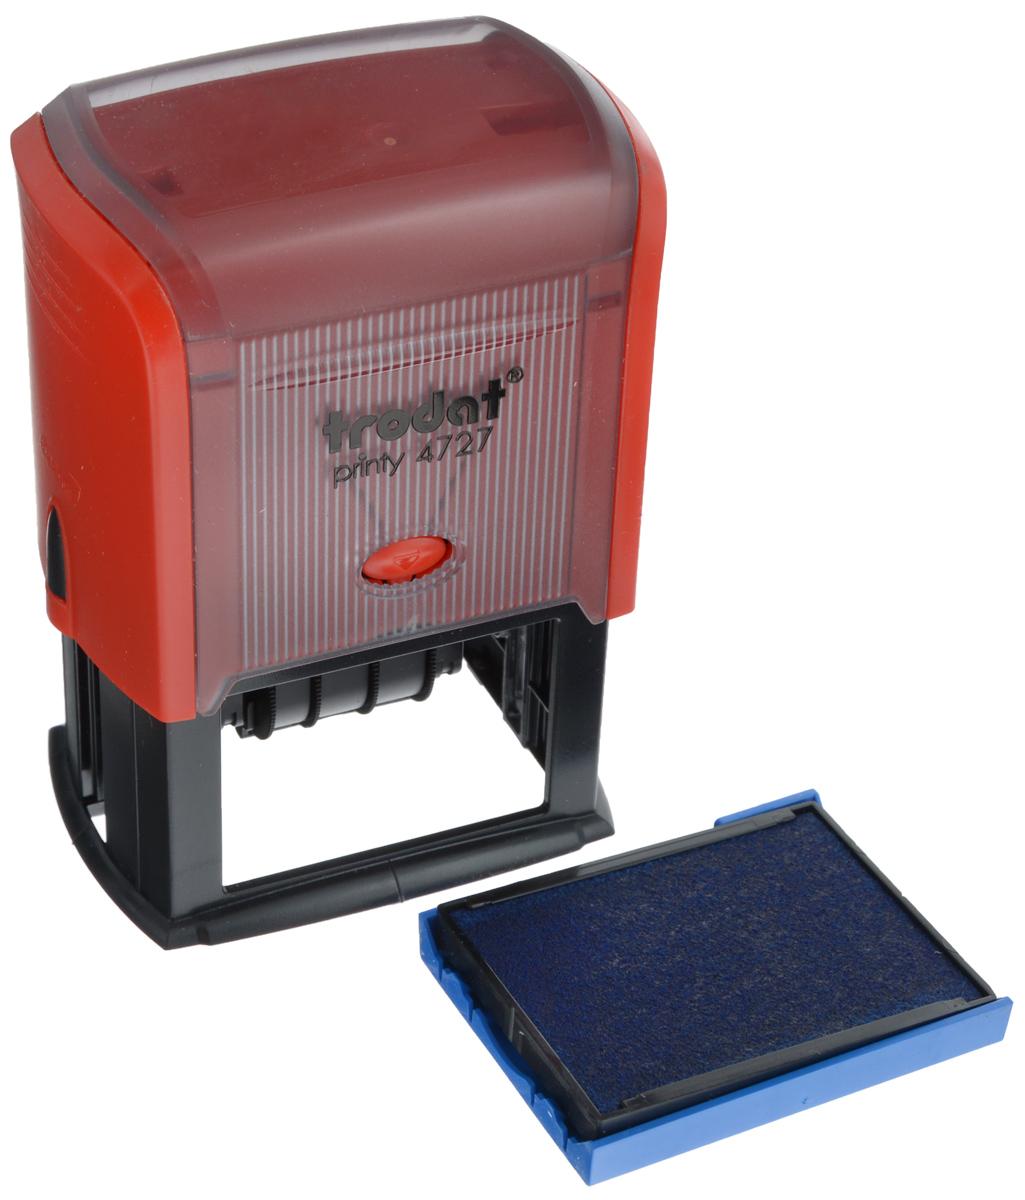 Trodat Датер со свободным полем 60 х 40 мм4727Датер Trodat имеет прочный пластиковый корпус с автоматическим окрашиванием.Дата находится в центре, вокруг даты свободное поле под изготовление клише. Подходит для работы в бухгалтерии, на складе, в банке. Размер свободного поля - 60 мм х 40 мм. В комплект входит сменная подушка, цвет синий.